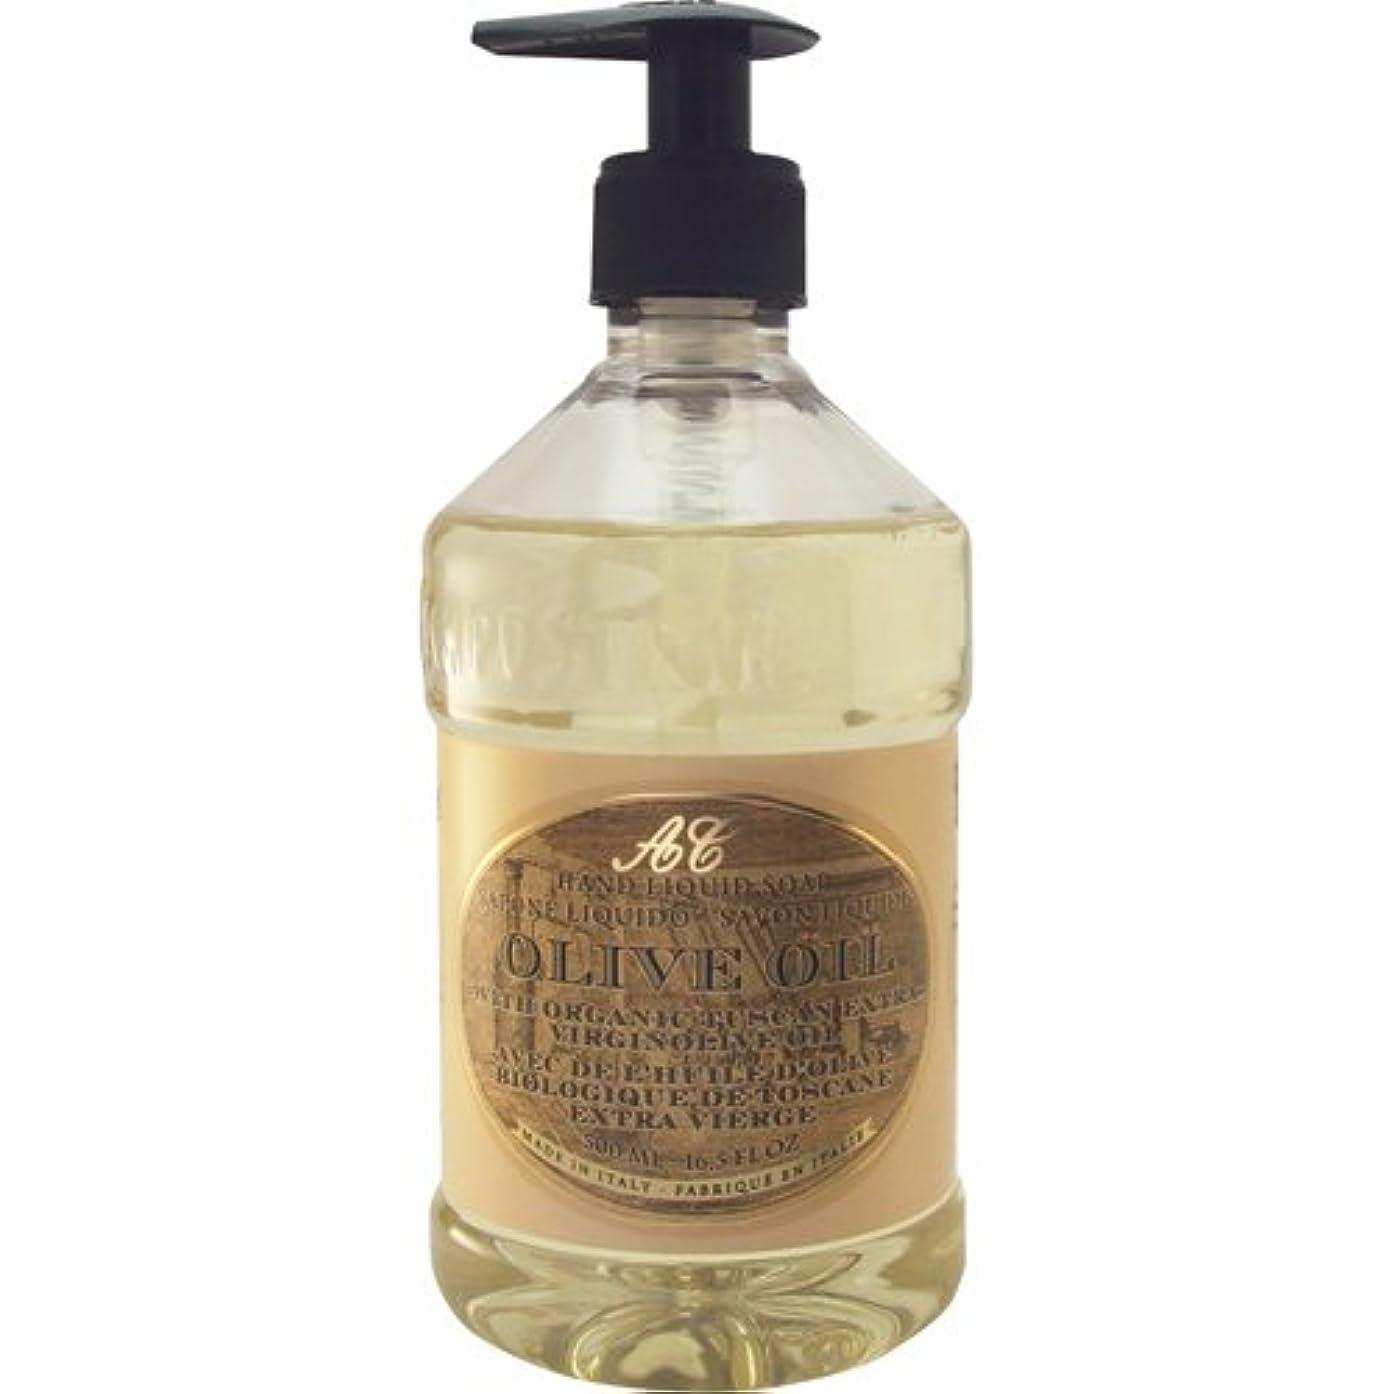 神学校以下マエストロSaponerire Fissi レトロシリーズ Liquid Soap リキッドソープ 500ml Olive Oil オリーブオイル